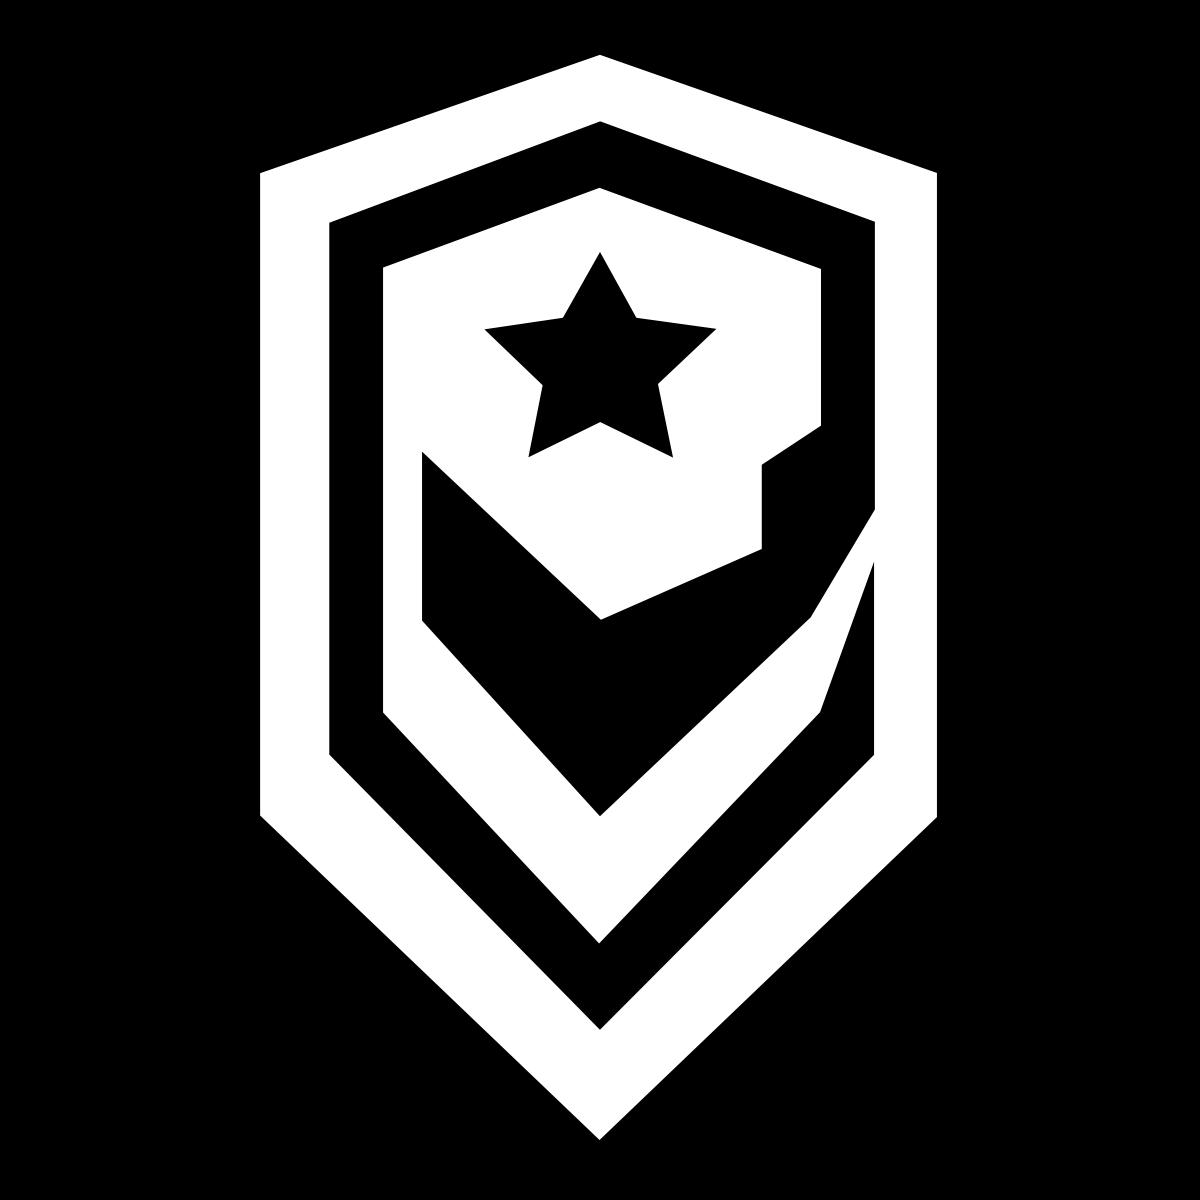 CAMISETAS PERSONALIZADAS CON LEJÍA Terran_dominion_logo_1200x_by_apocalypsecbs-d60qpag